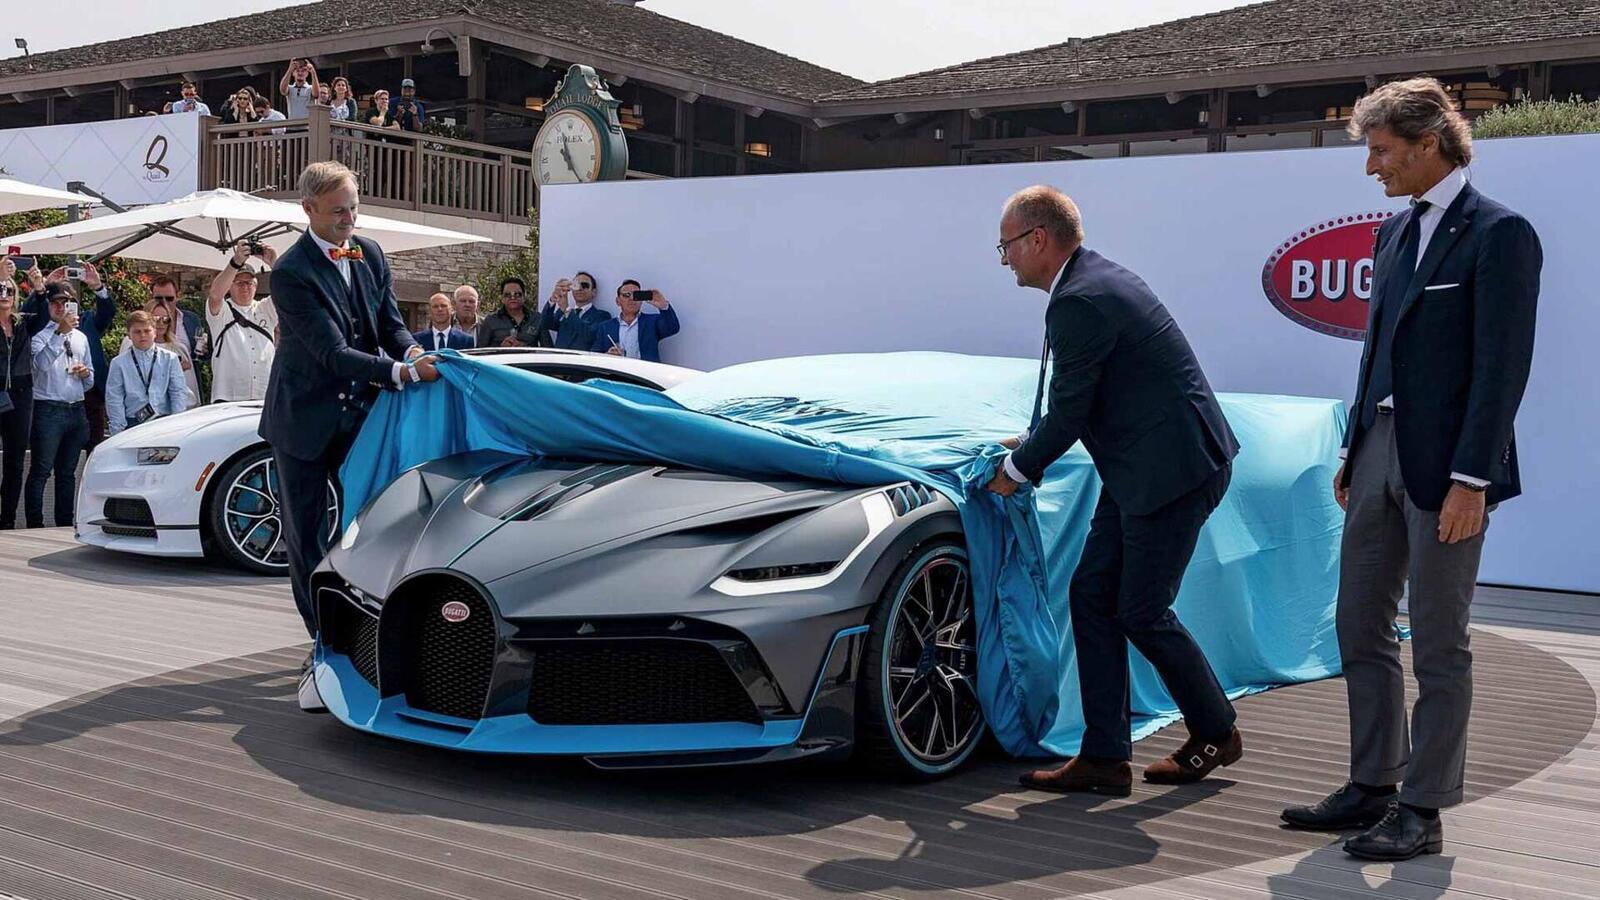 Một trong 40 chiếc Bugatti Divo đang được bán với giá 7,5 triệu USD (hơn 173 tỷ đồng) - Hình 7